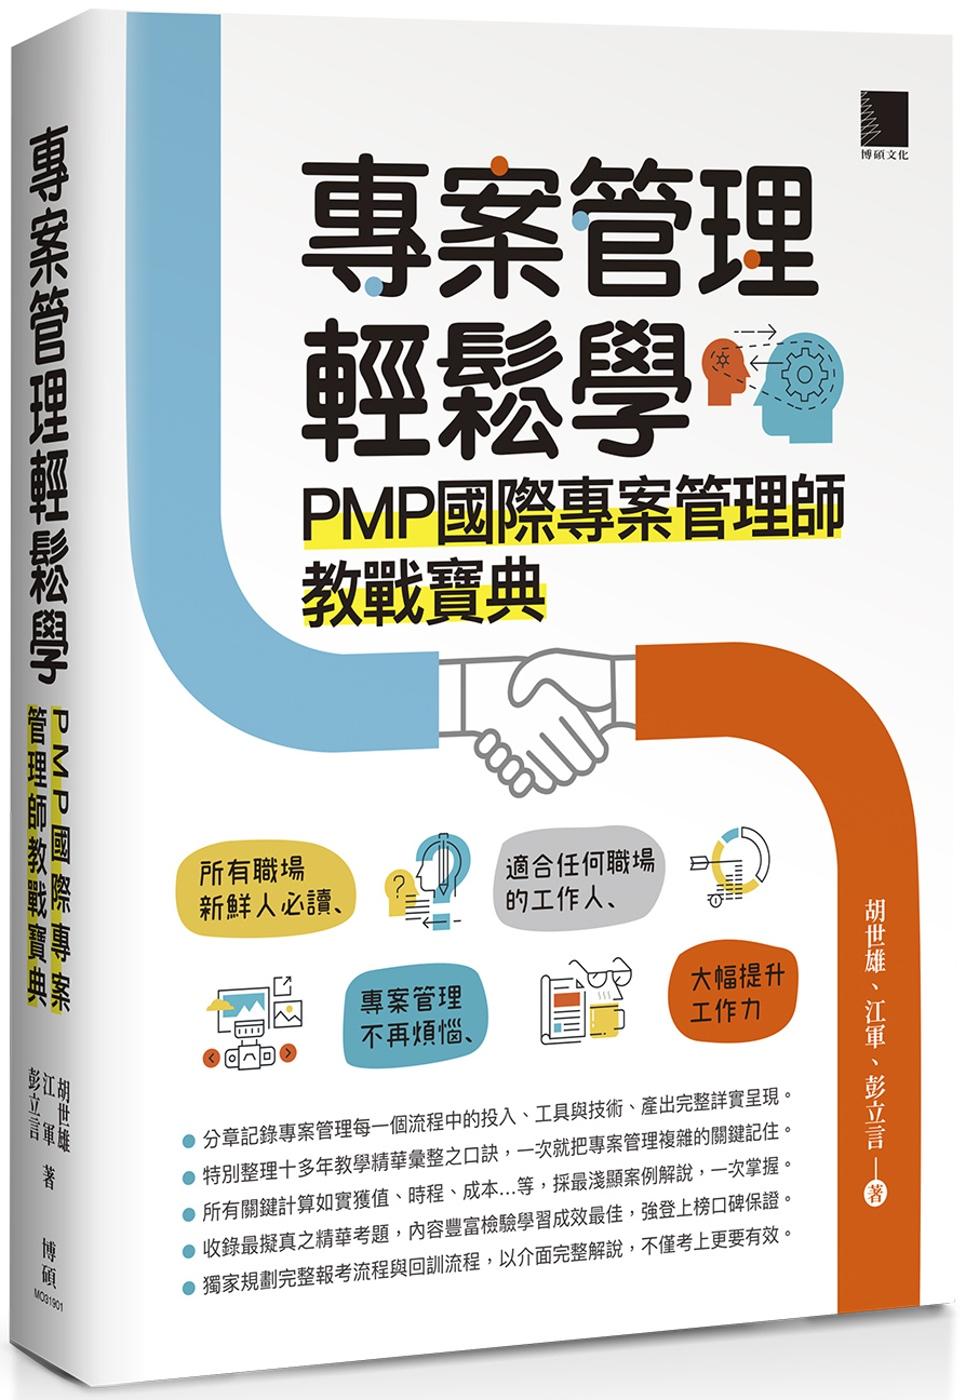 專案管理輕鬆學:PMP國際專案管理師教戰寶典